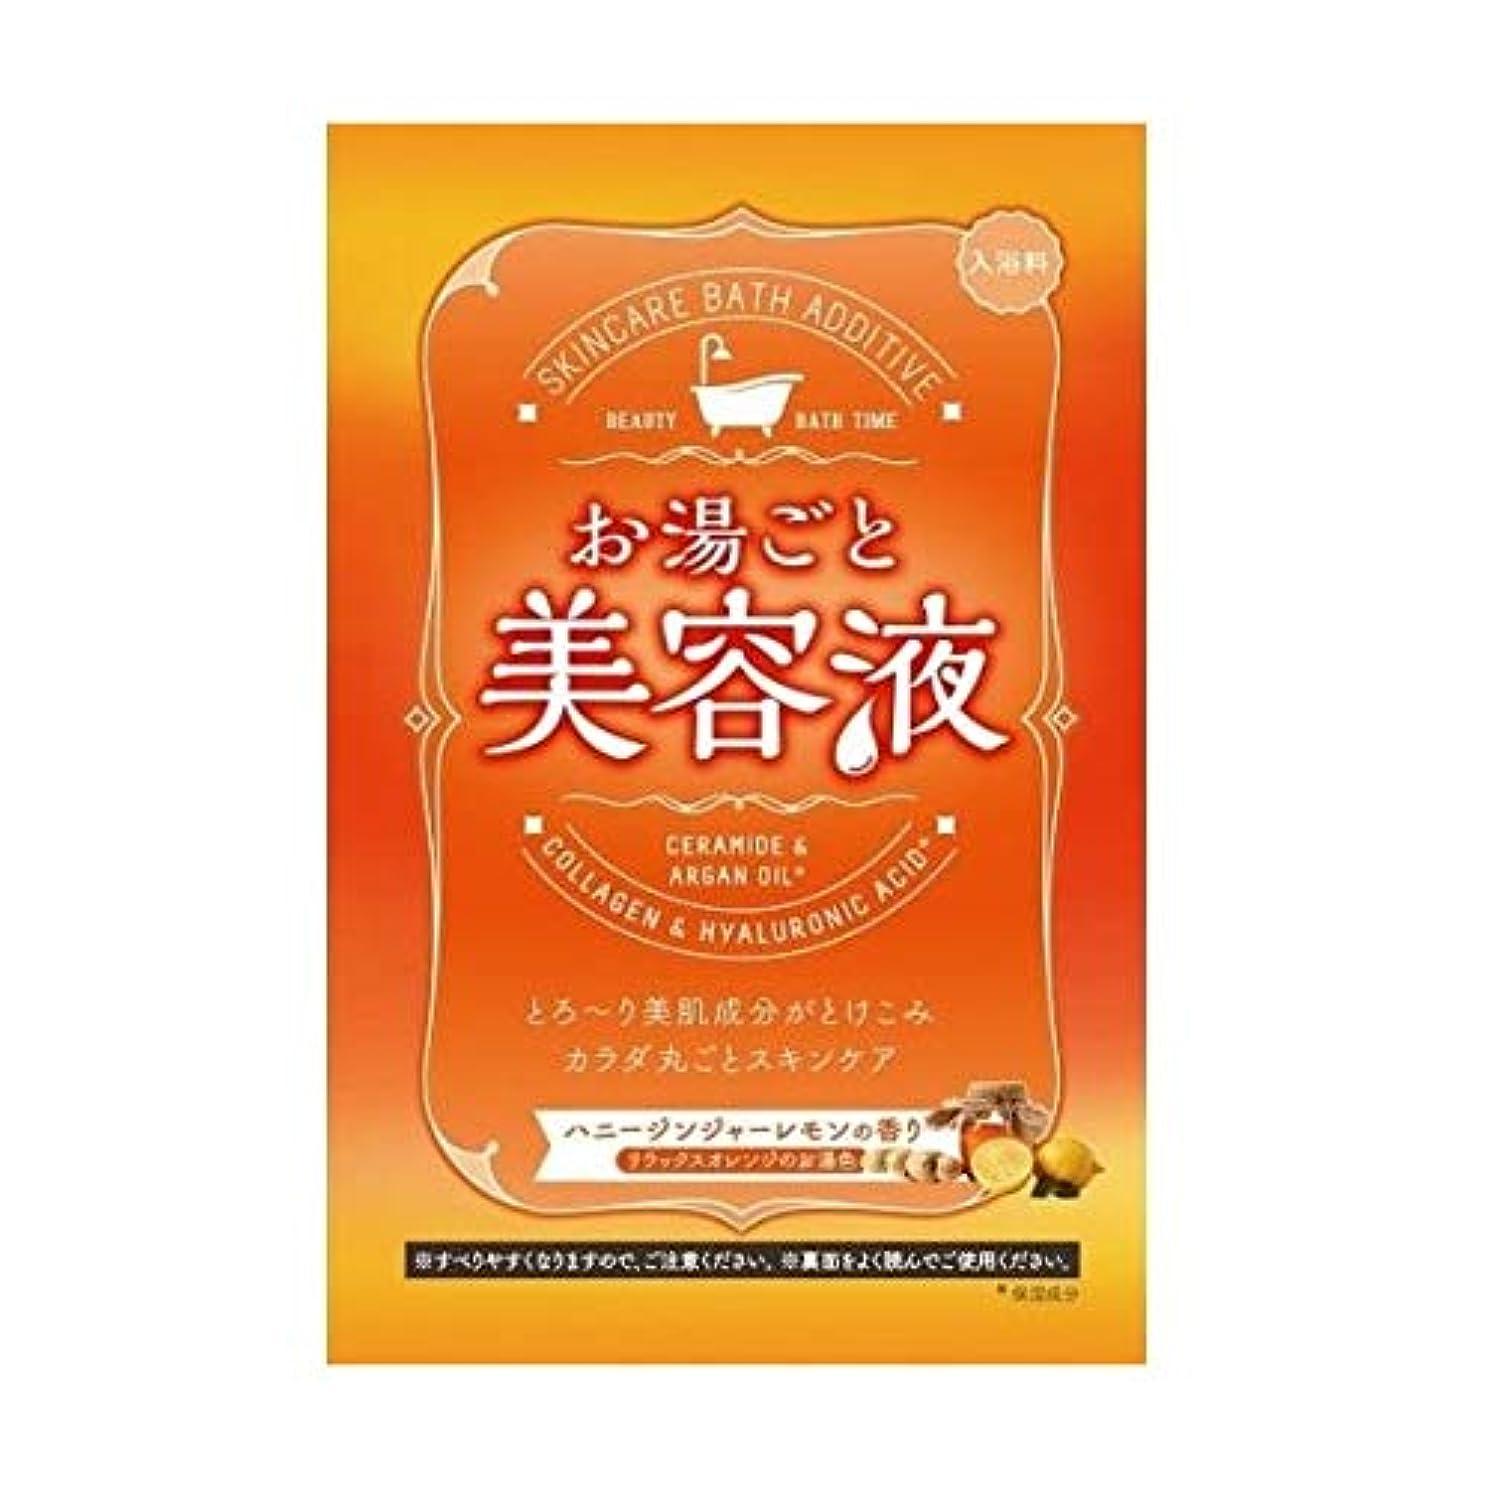 スクラッチ発生ベンチャーお湯ごと美容液 ハニージンジャーレモンの香り 60g